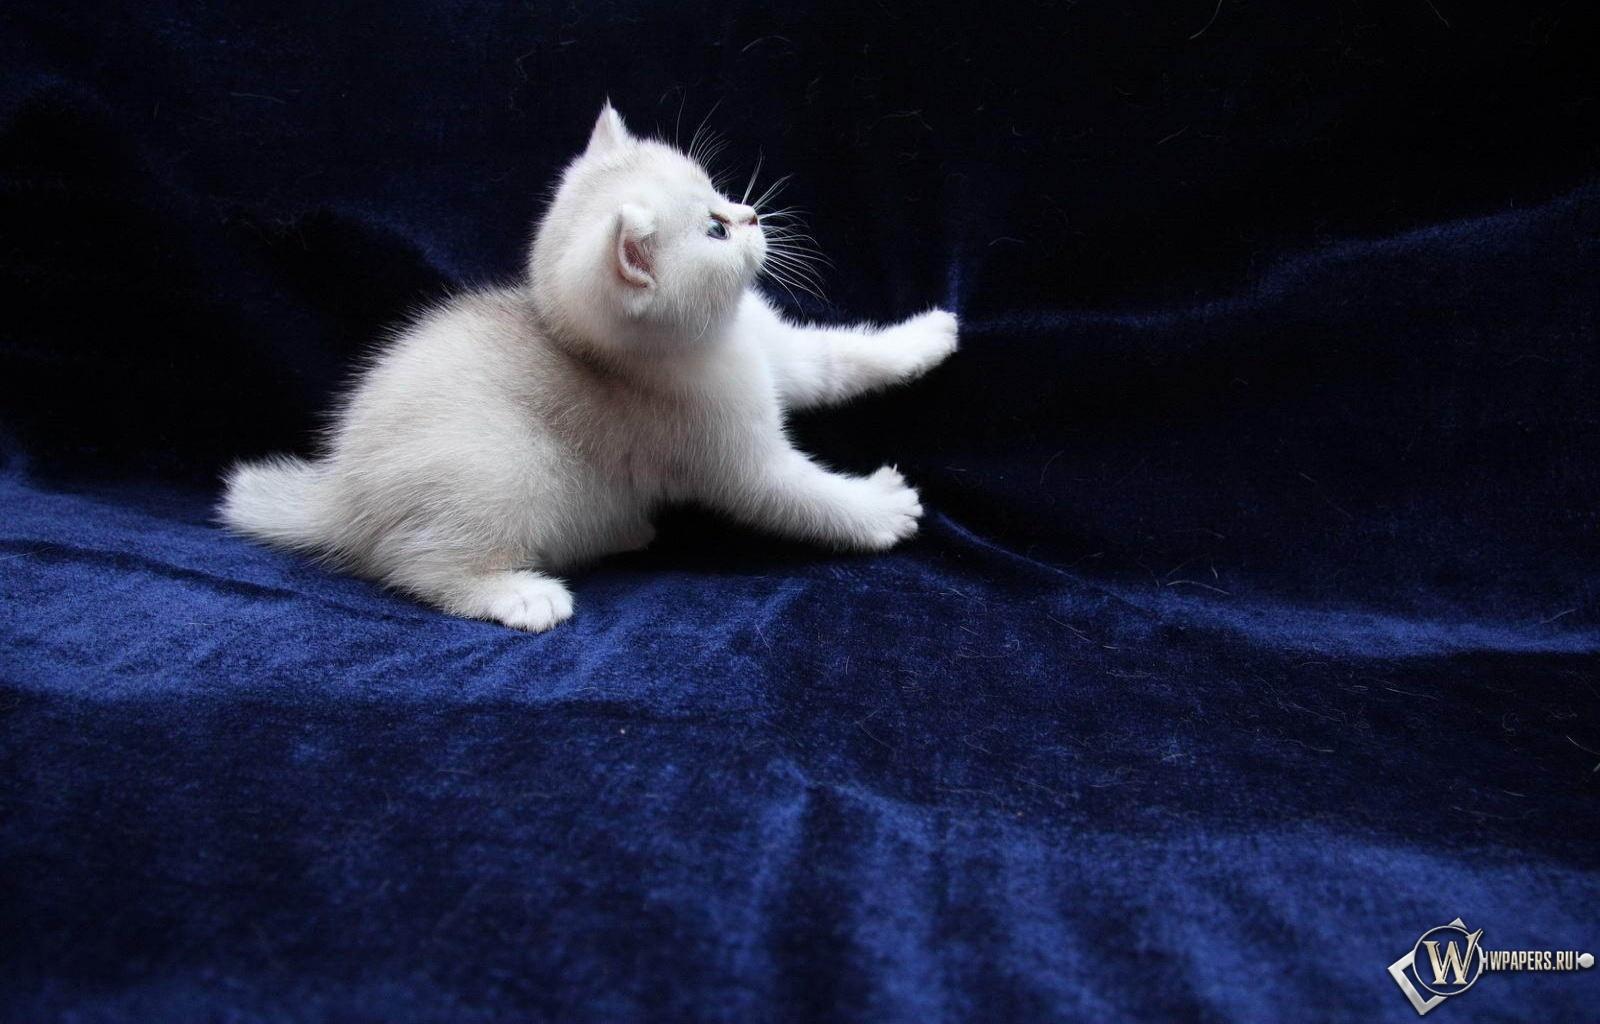 Котёнок играет 1600x1024